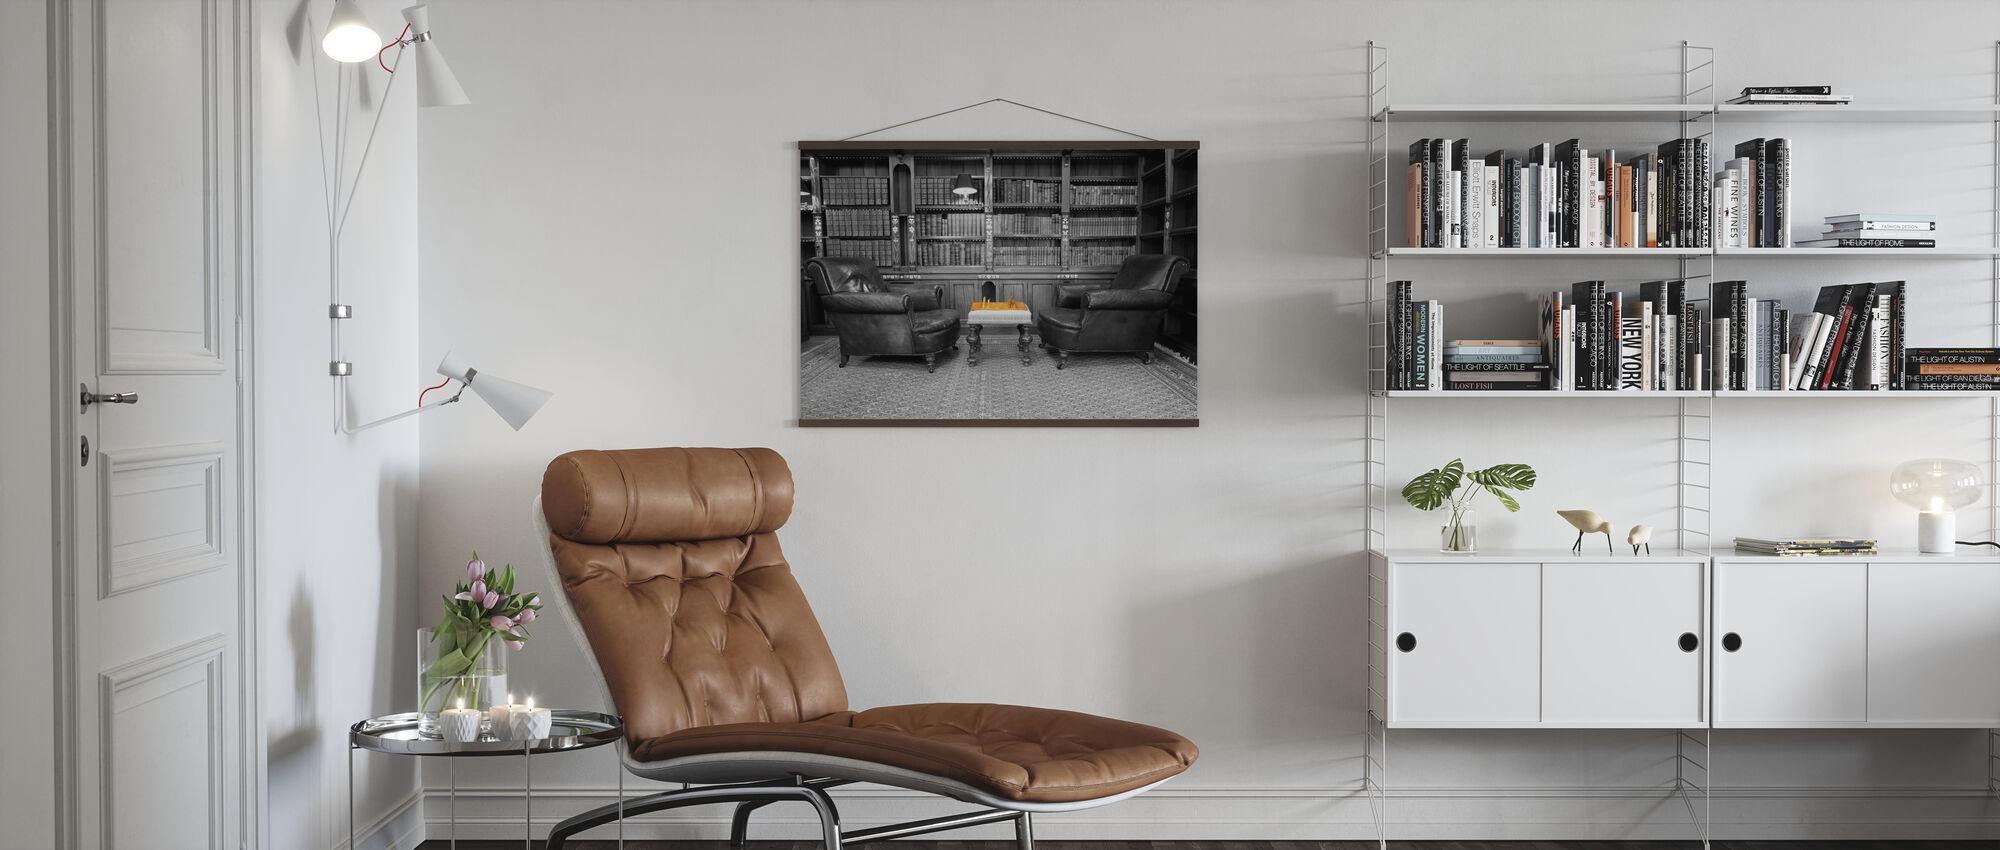 Alte Bibliothek - Poster - Wohnzimmer